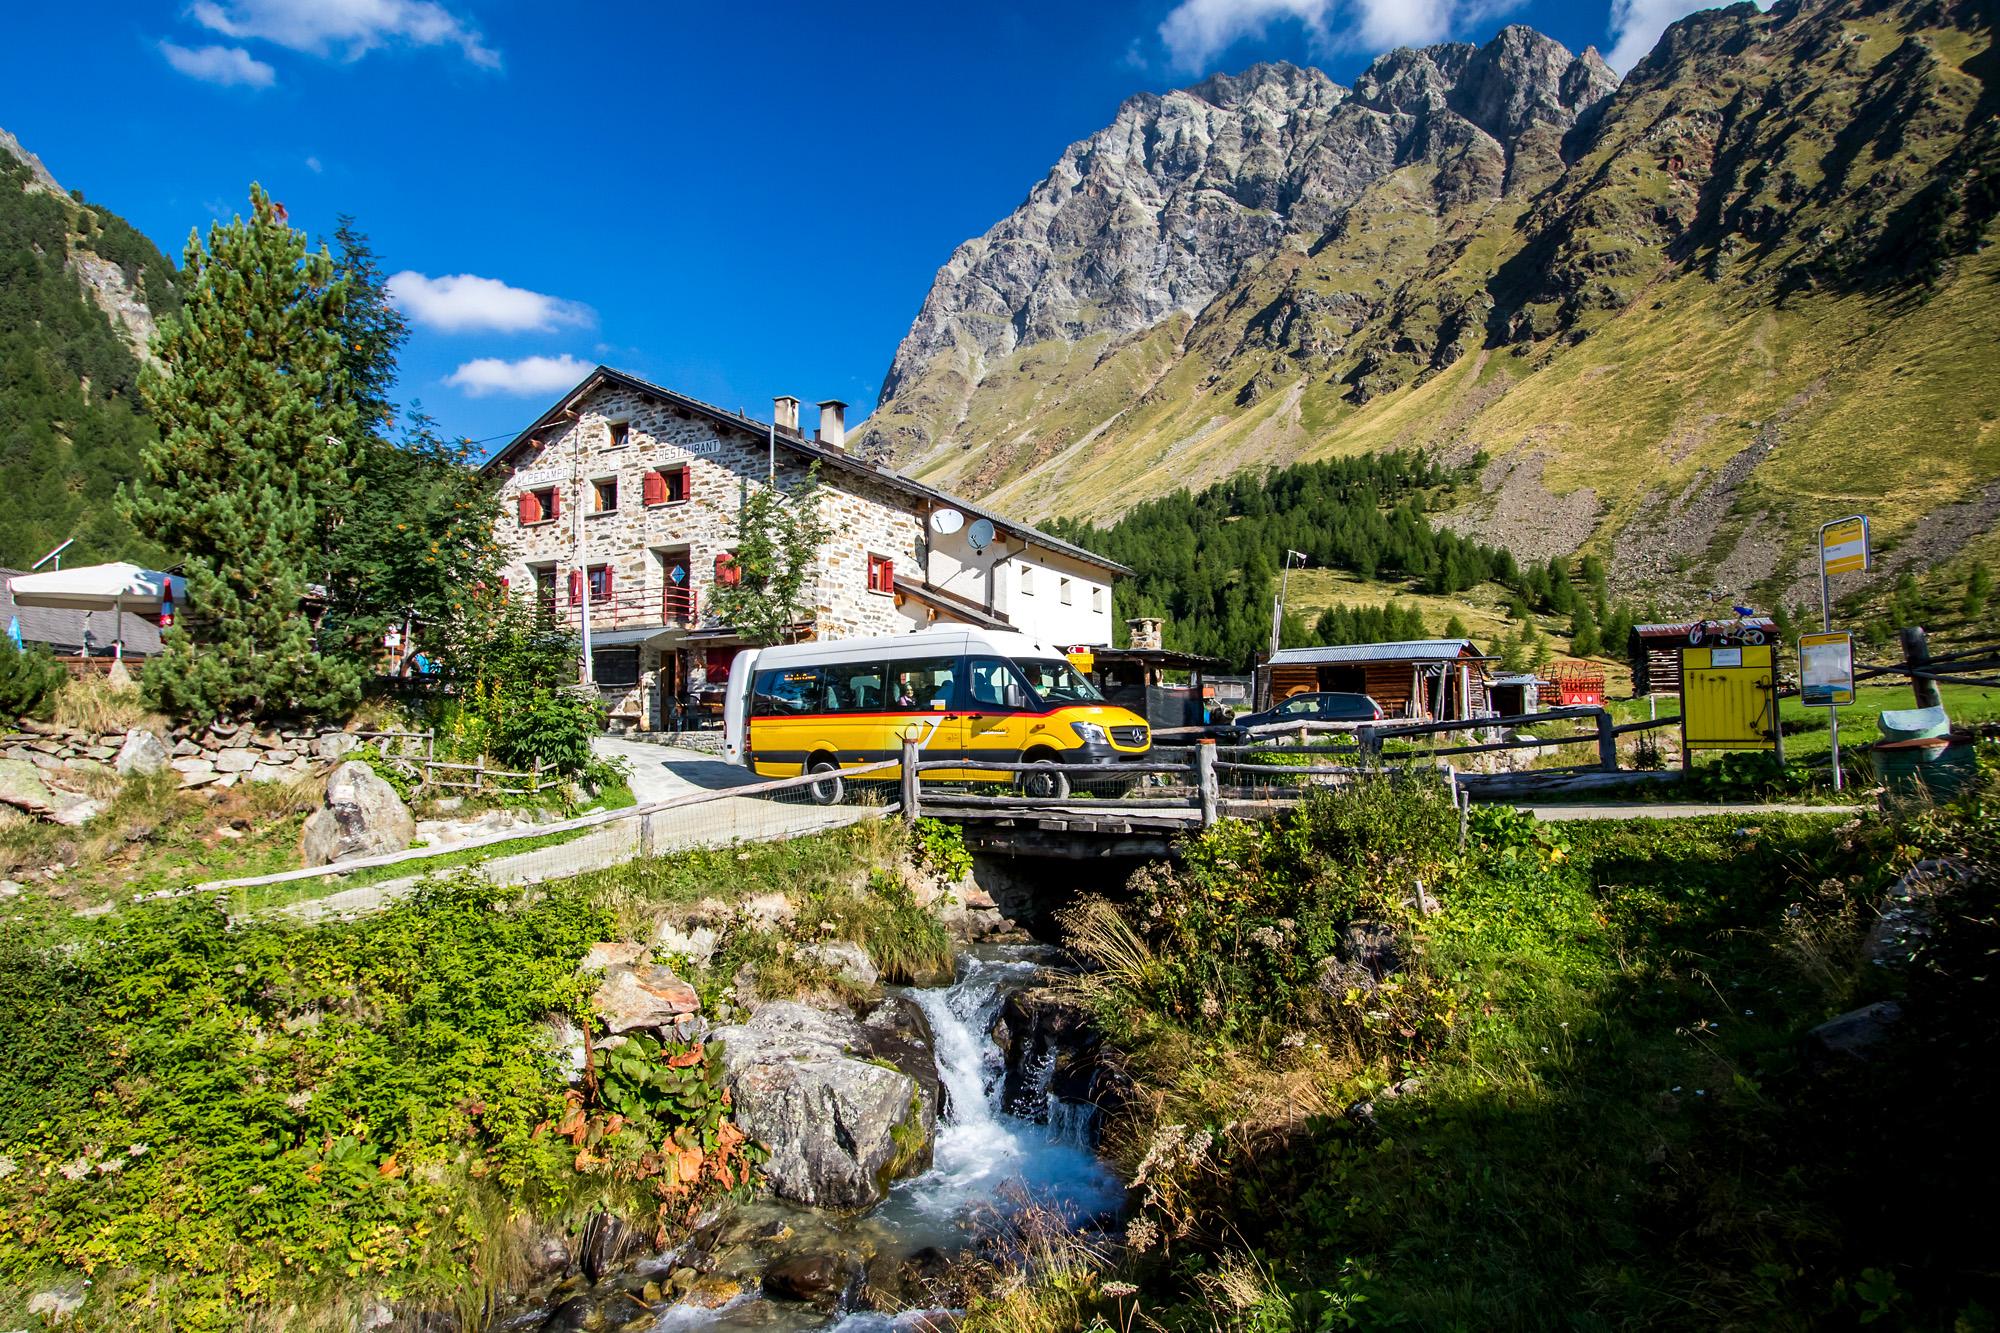 Ankunft im Bergparadies: Beim Ristorante Alpe Campo auf 2'070 Metern Höhe endet die sehenswerte Postauto-Strecke ins Val da Camp (GR)